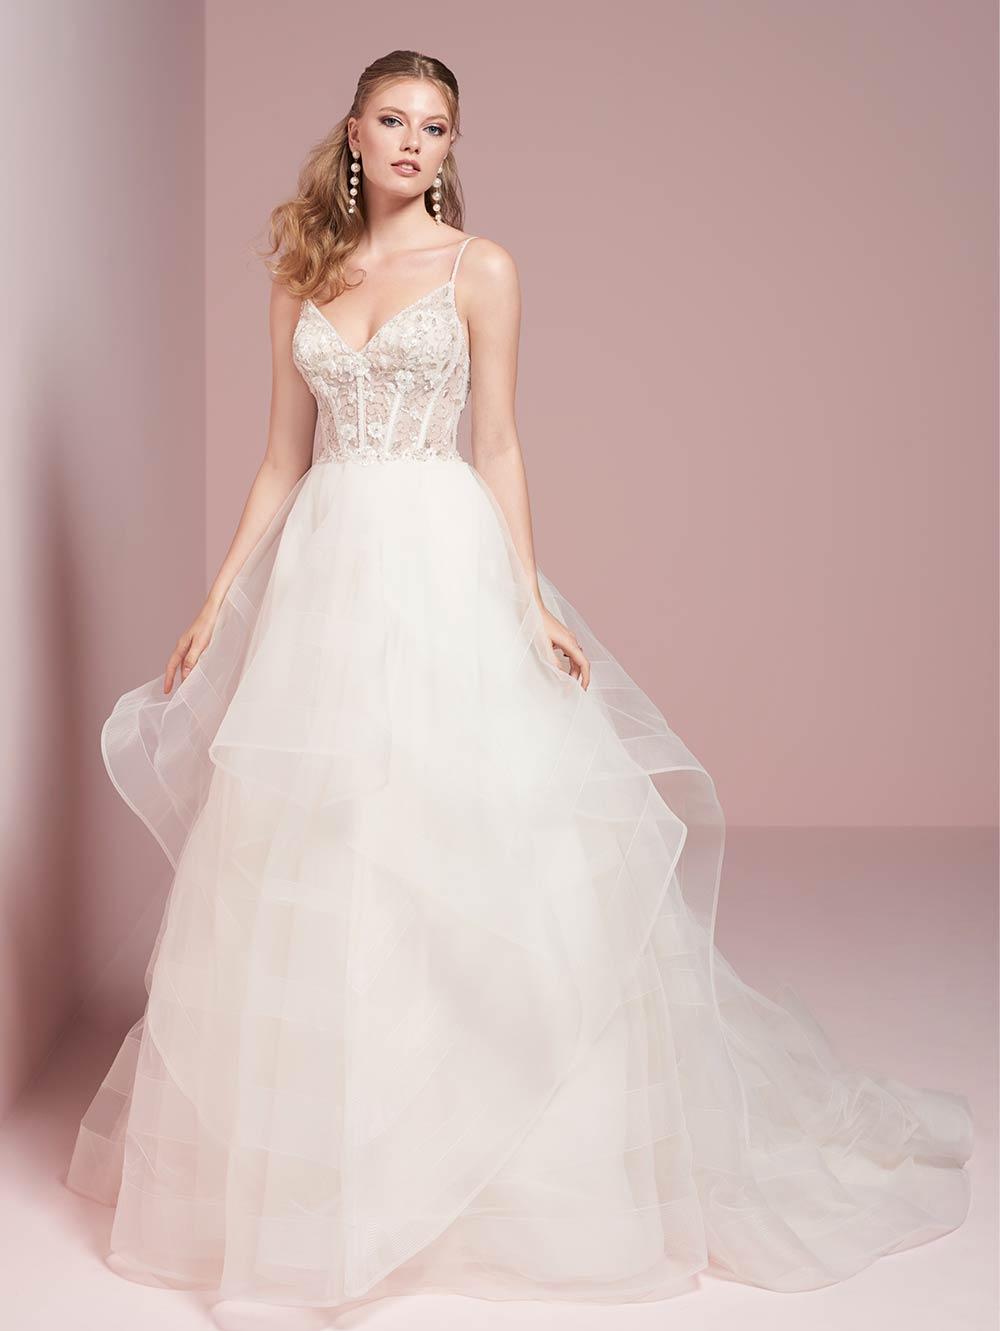 bridal-gowns-jacquelin-bridals-canada-27613